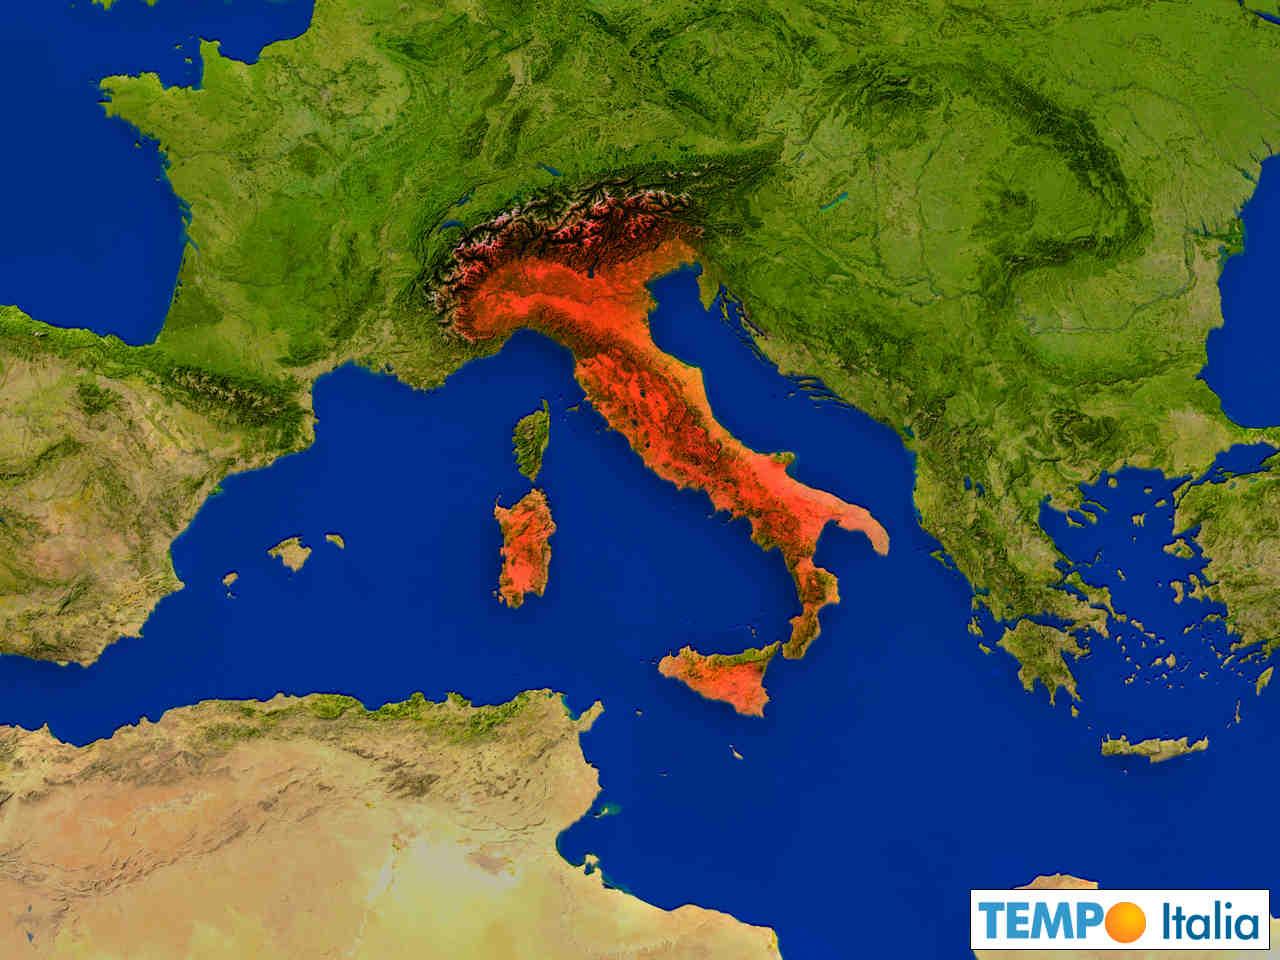 Anomalie climatiche si potrebbero manifestare, specie da metà novembre.